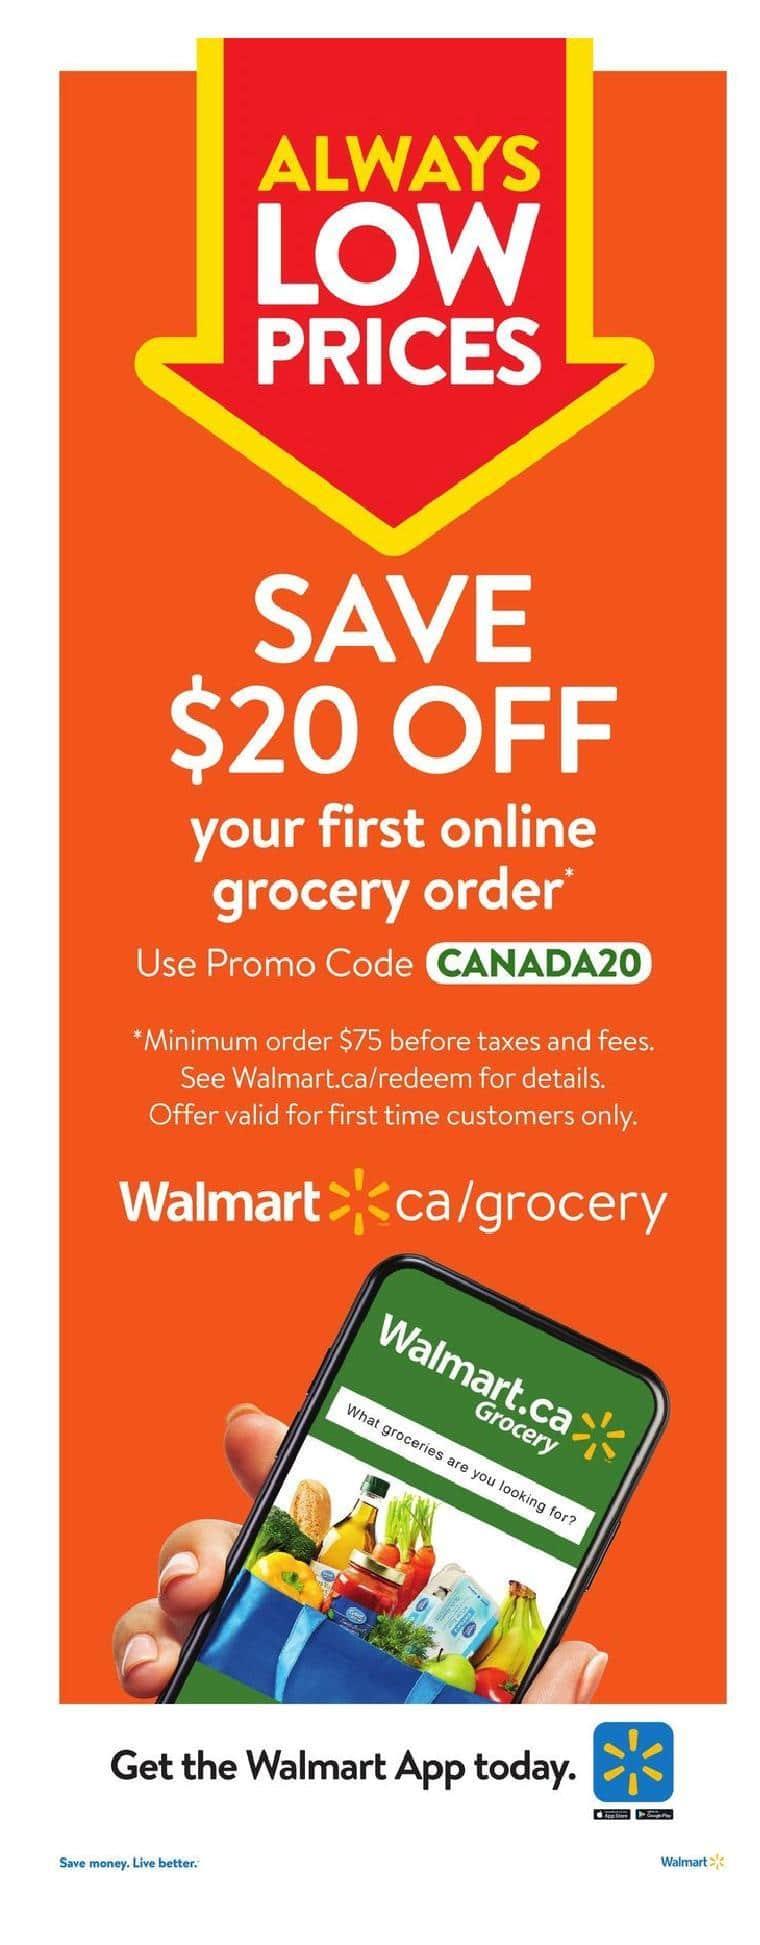 07 Walmart Supercentre Flyer May 20 May 26 2021